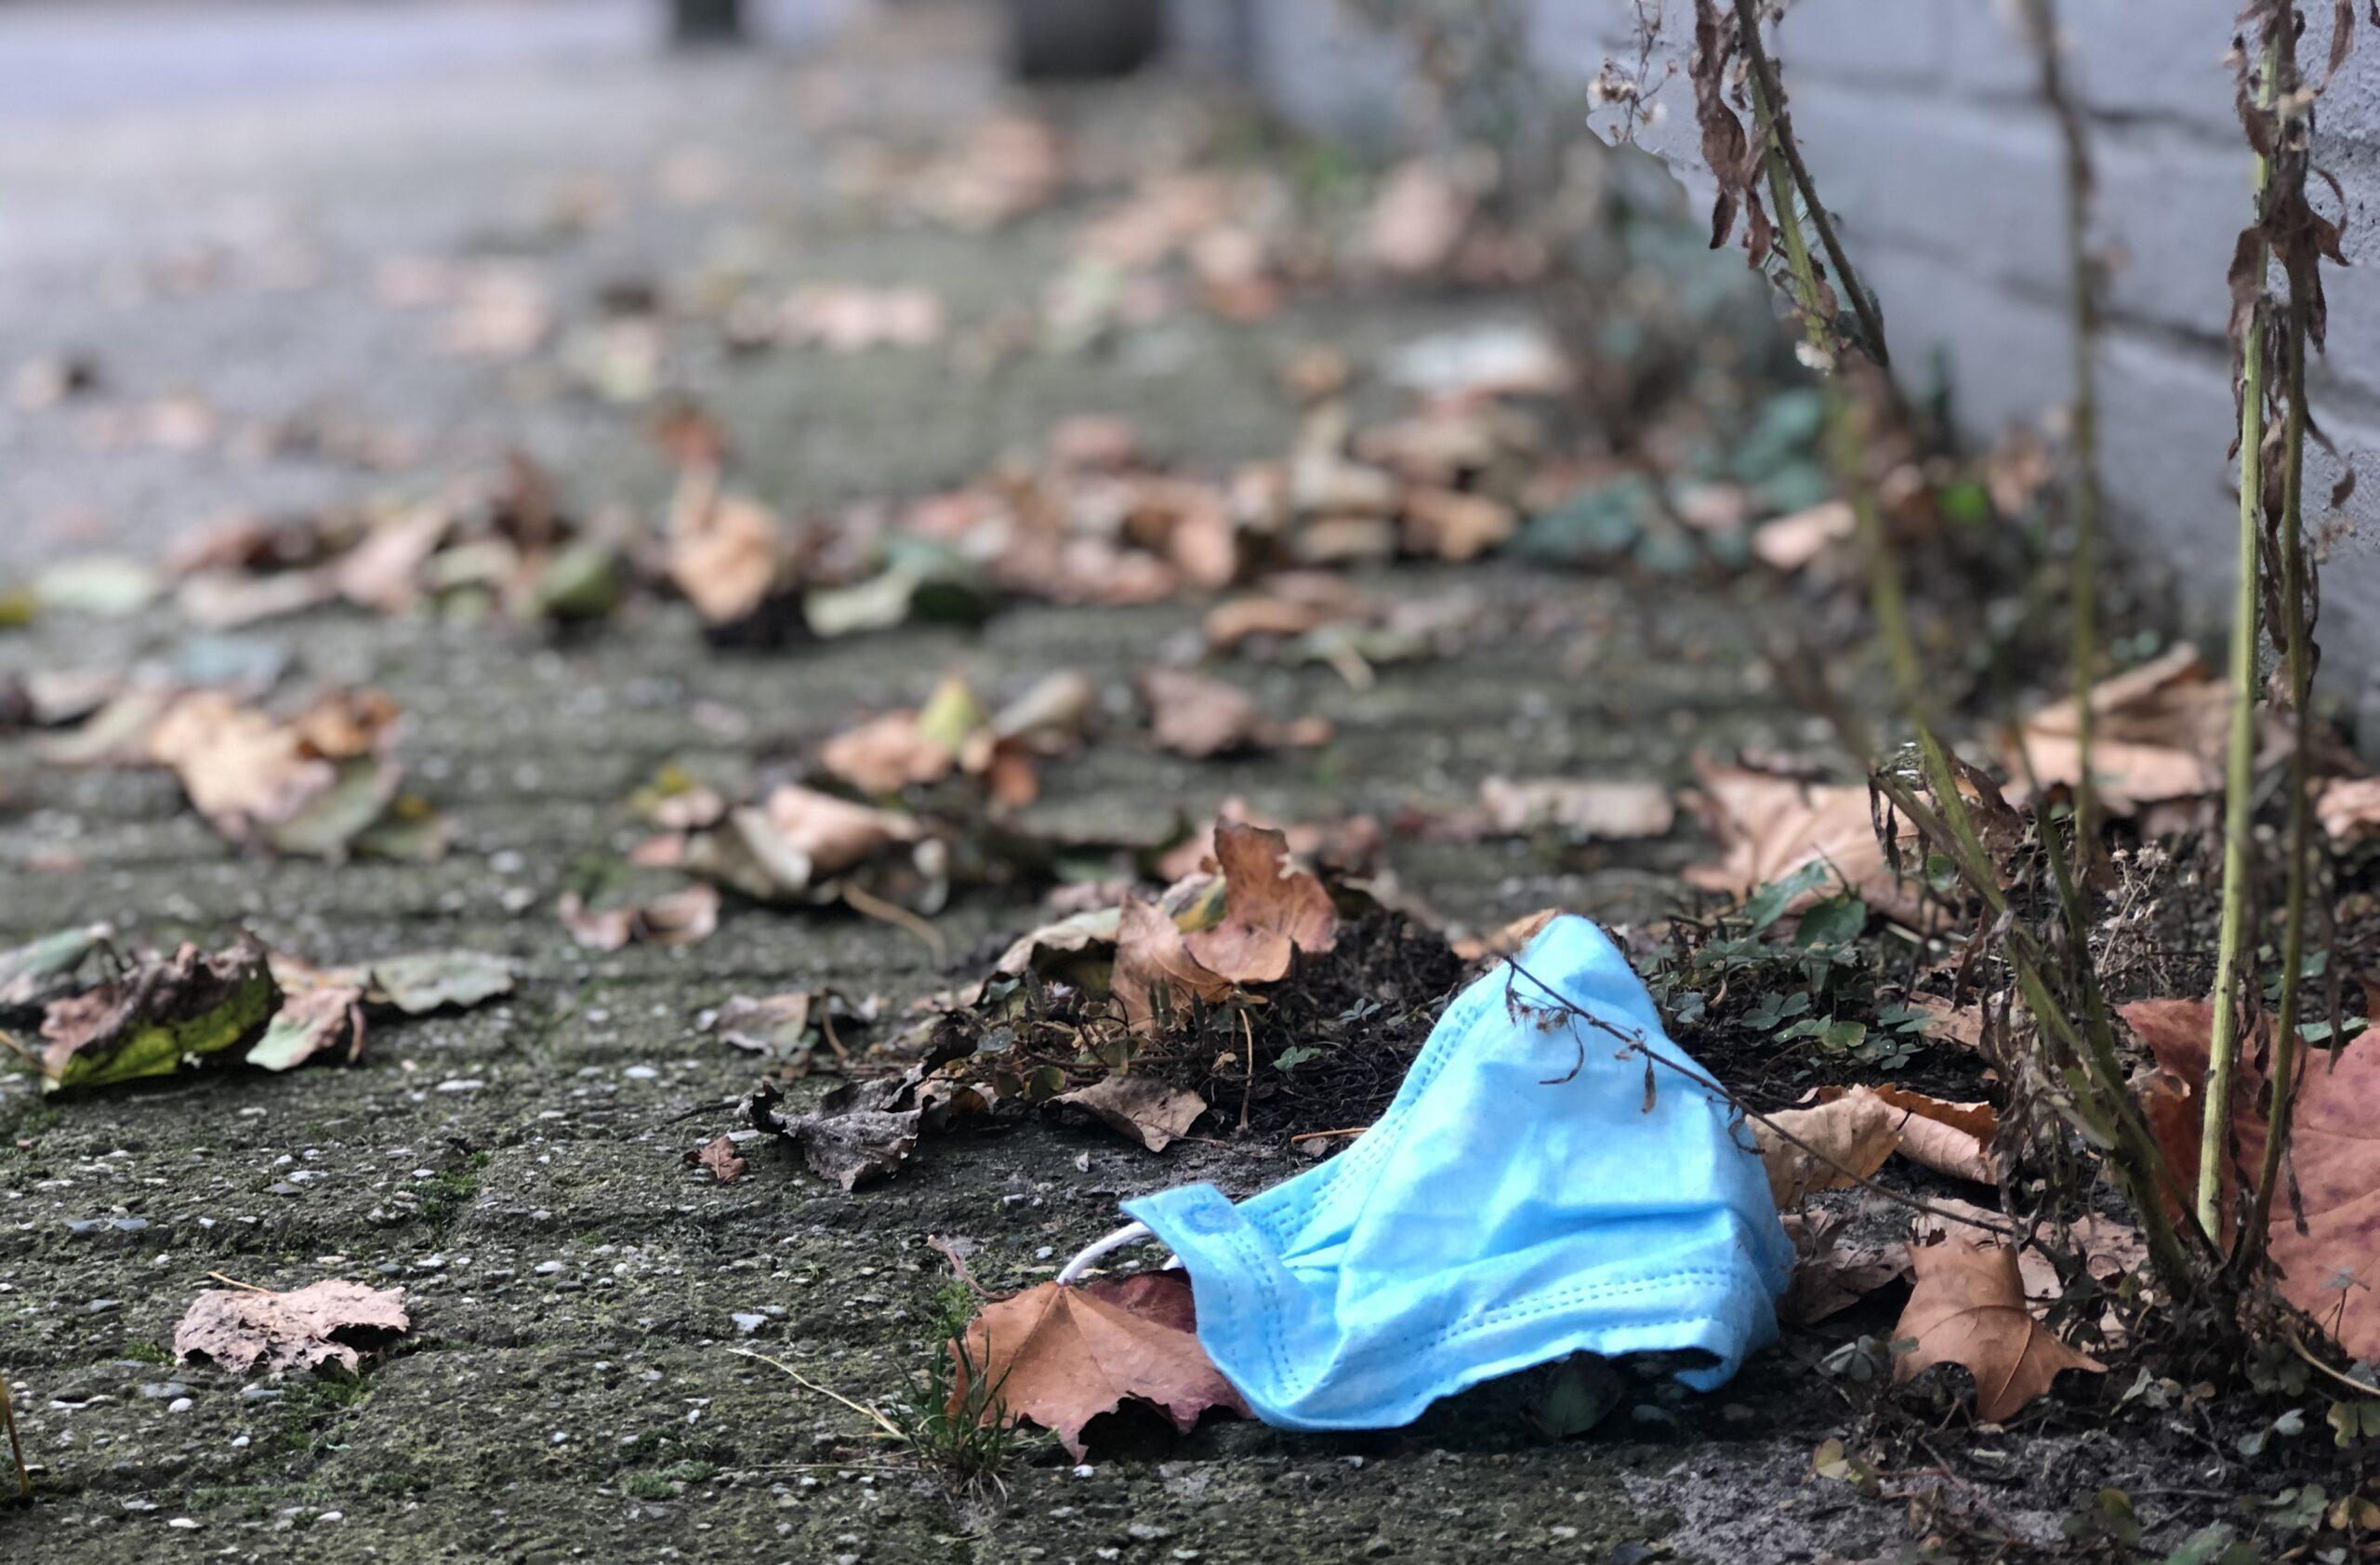 'Zwerfkapjes' steeds groter probleem op straat